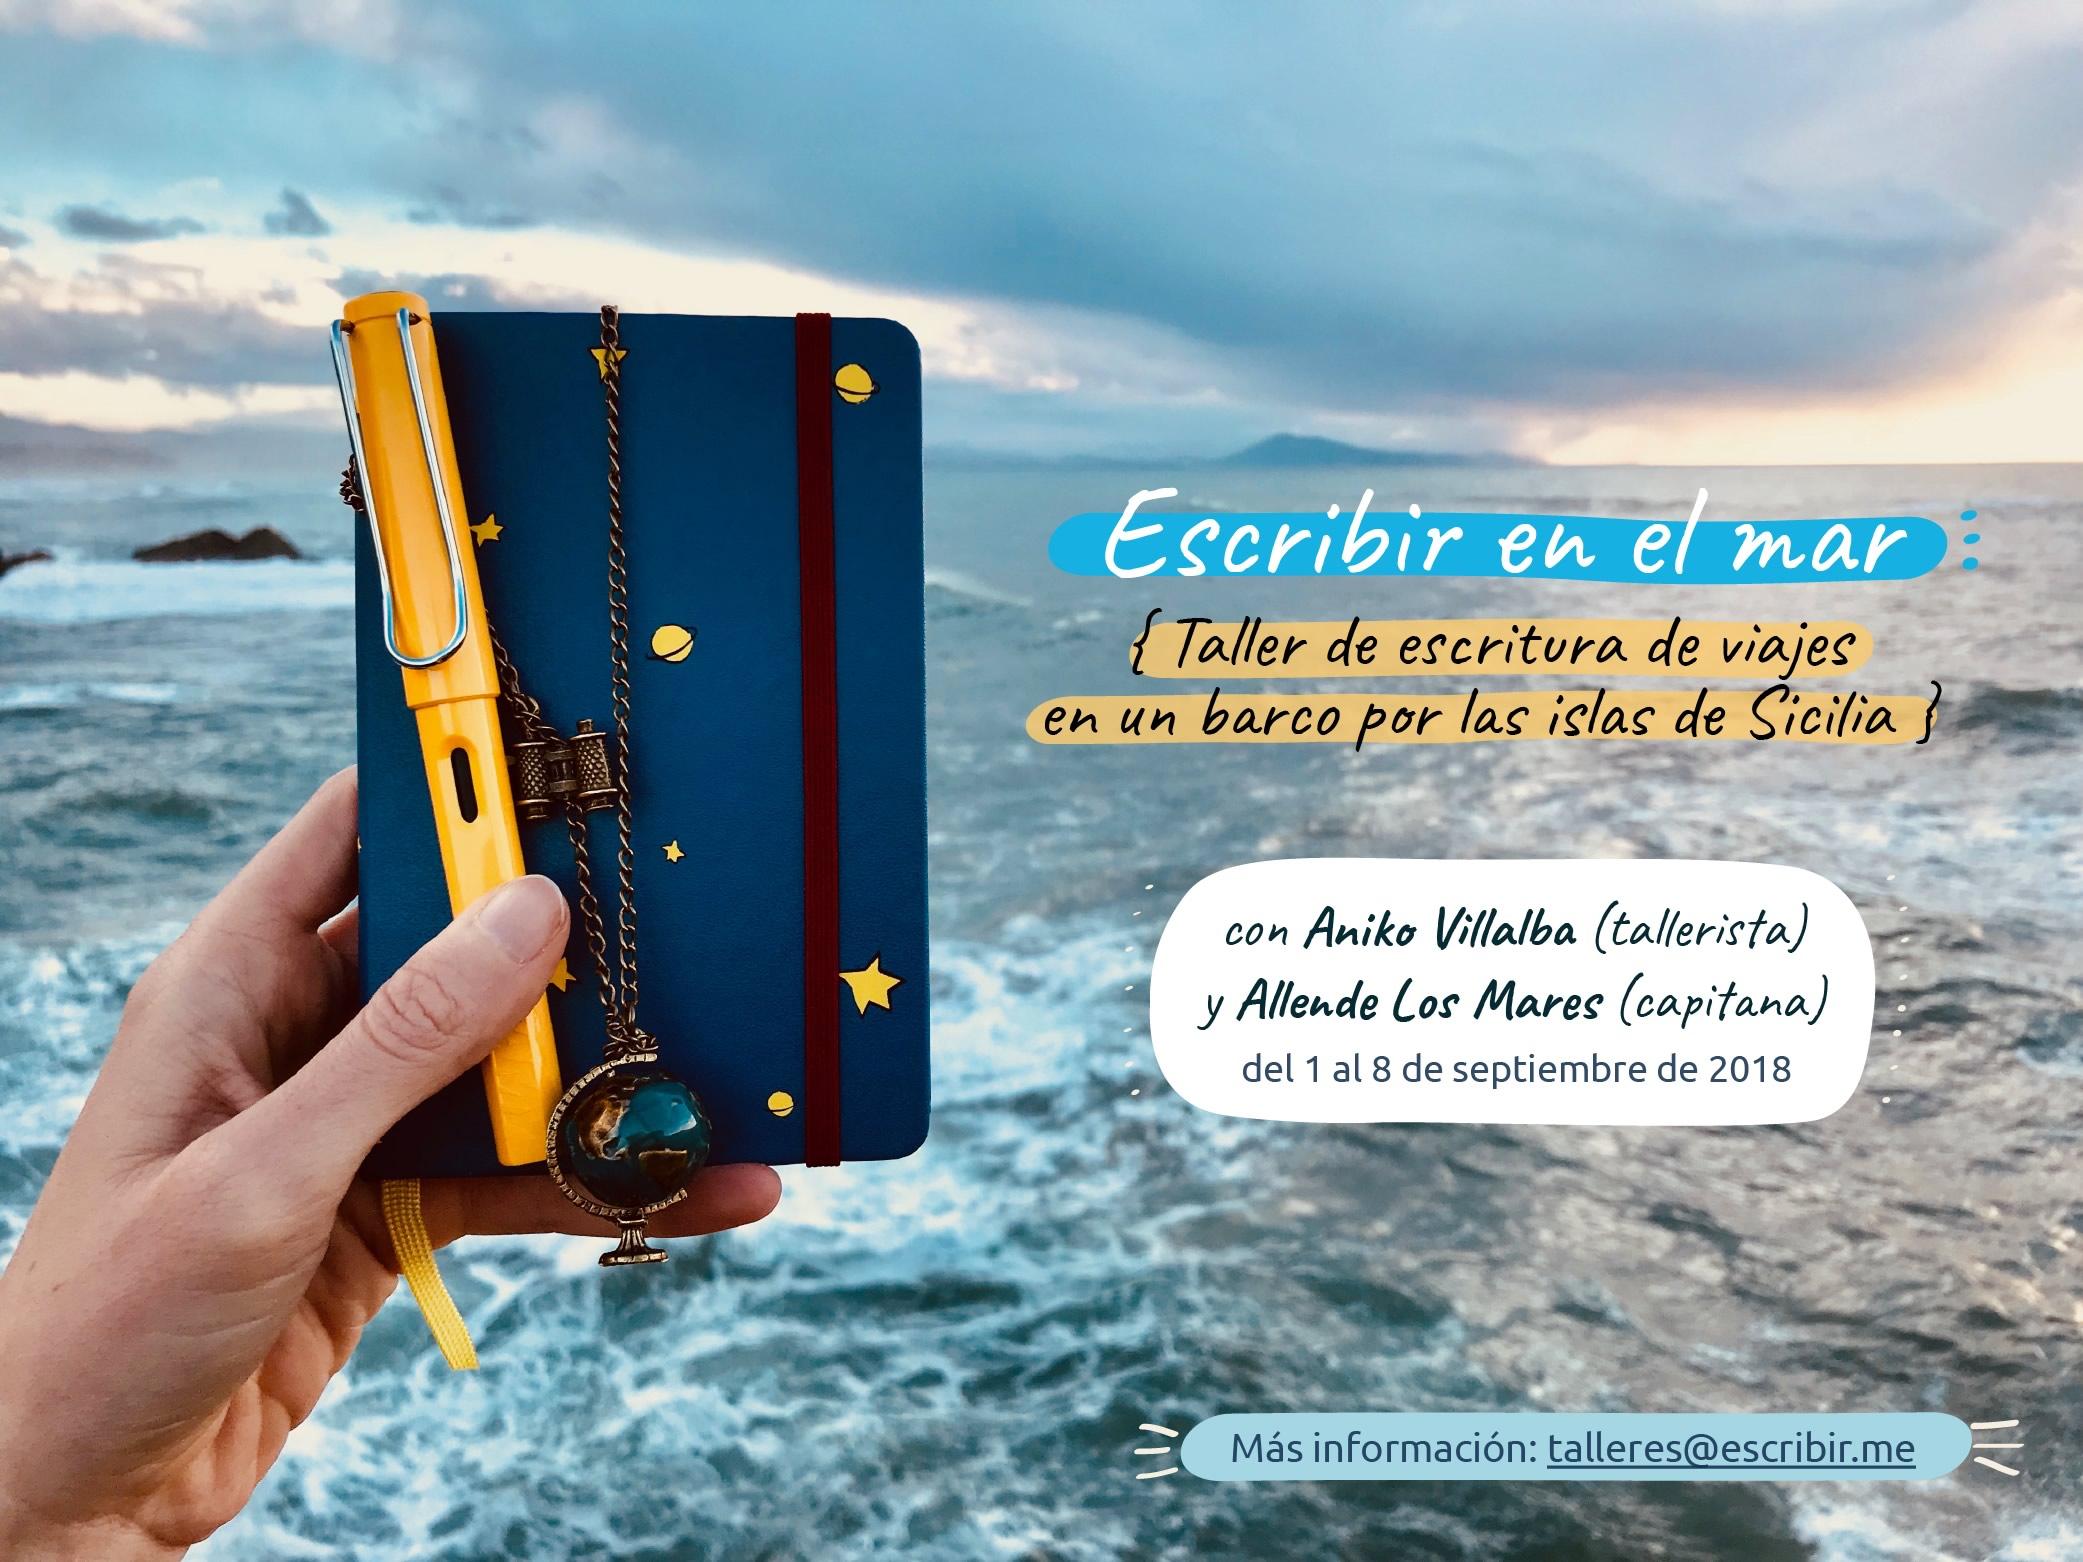 Taller escritura Aniko Villalba & Allende los mares